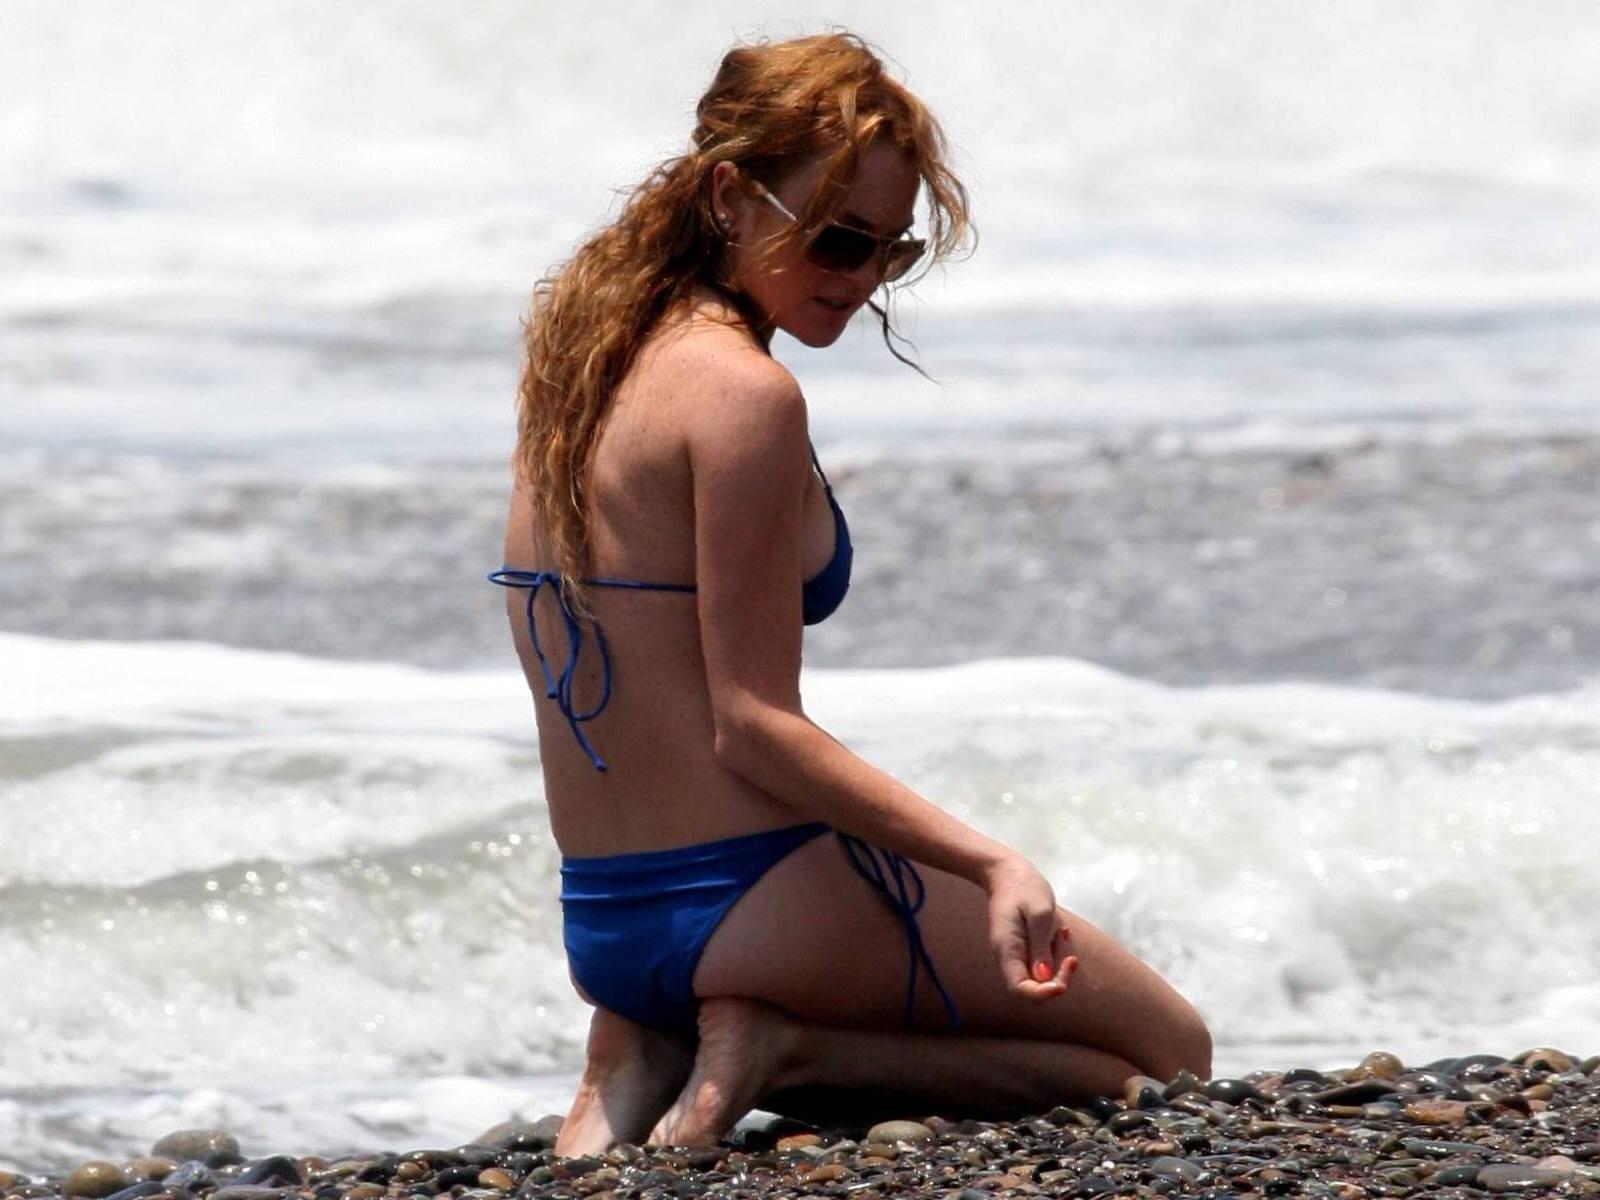 Wallpaper di Lindsay Lohan sulla spiaggia